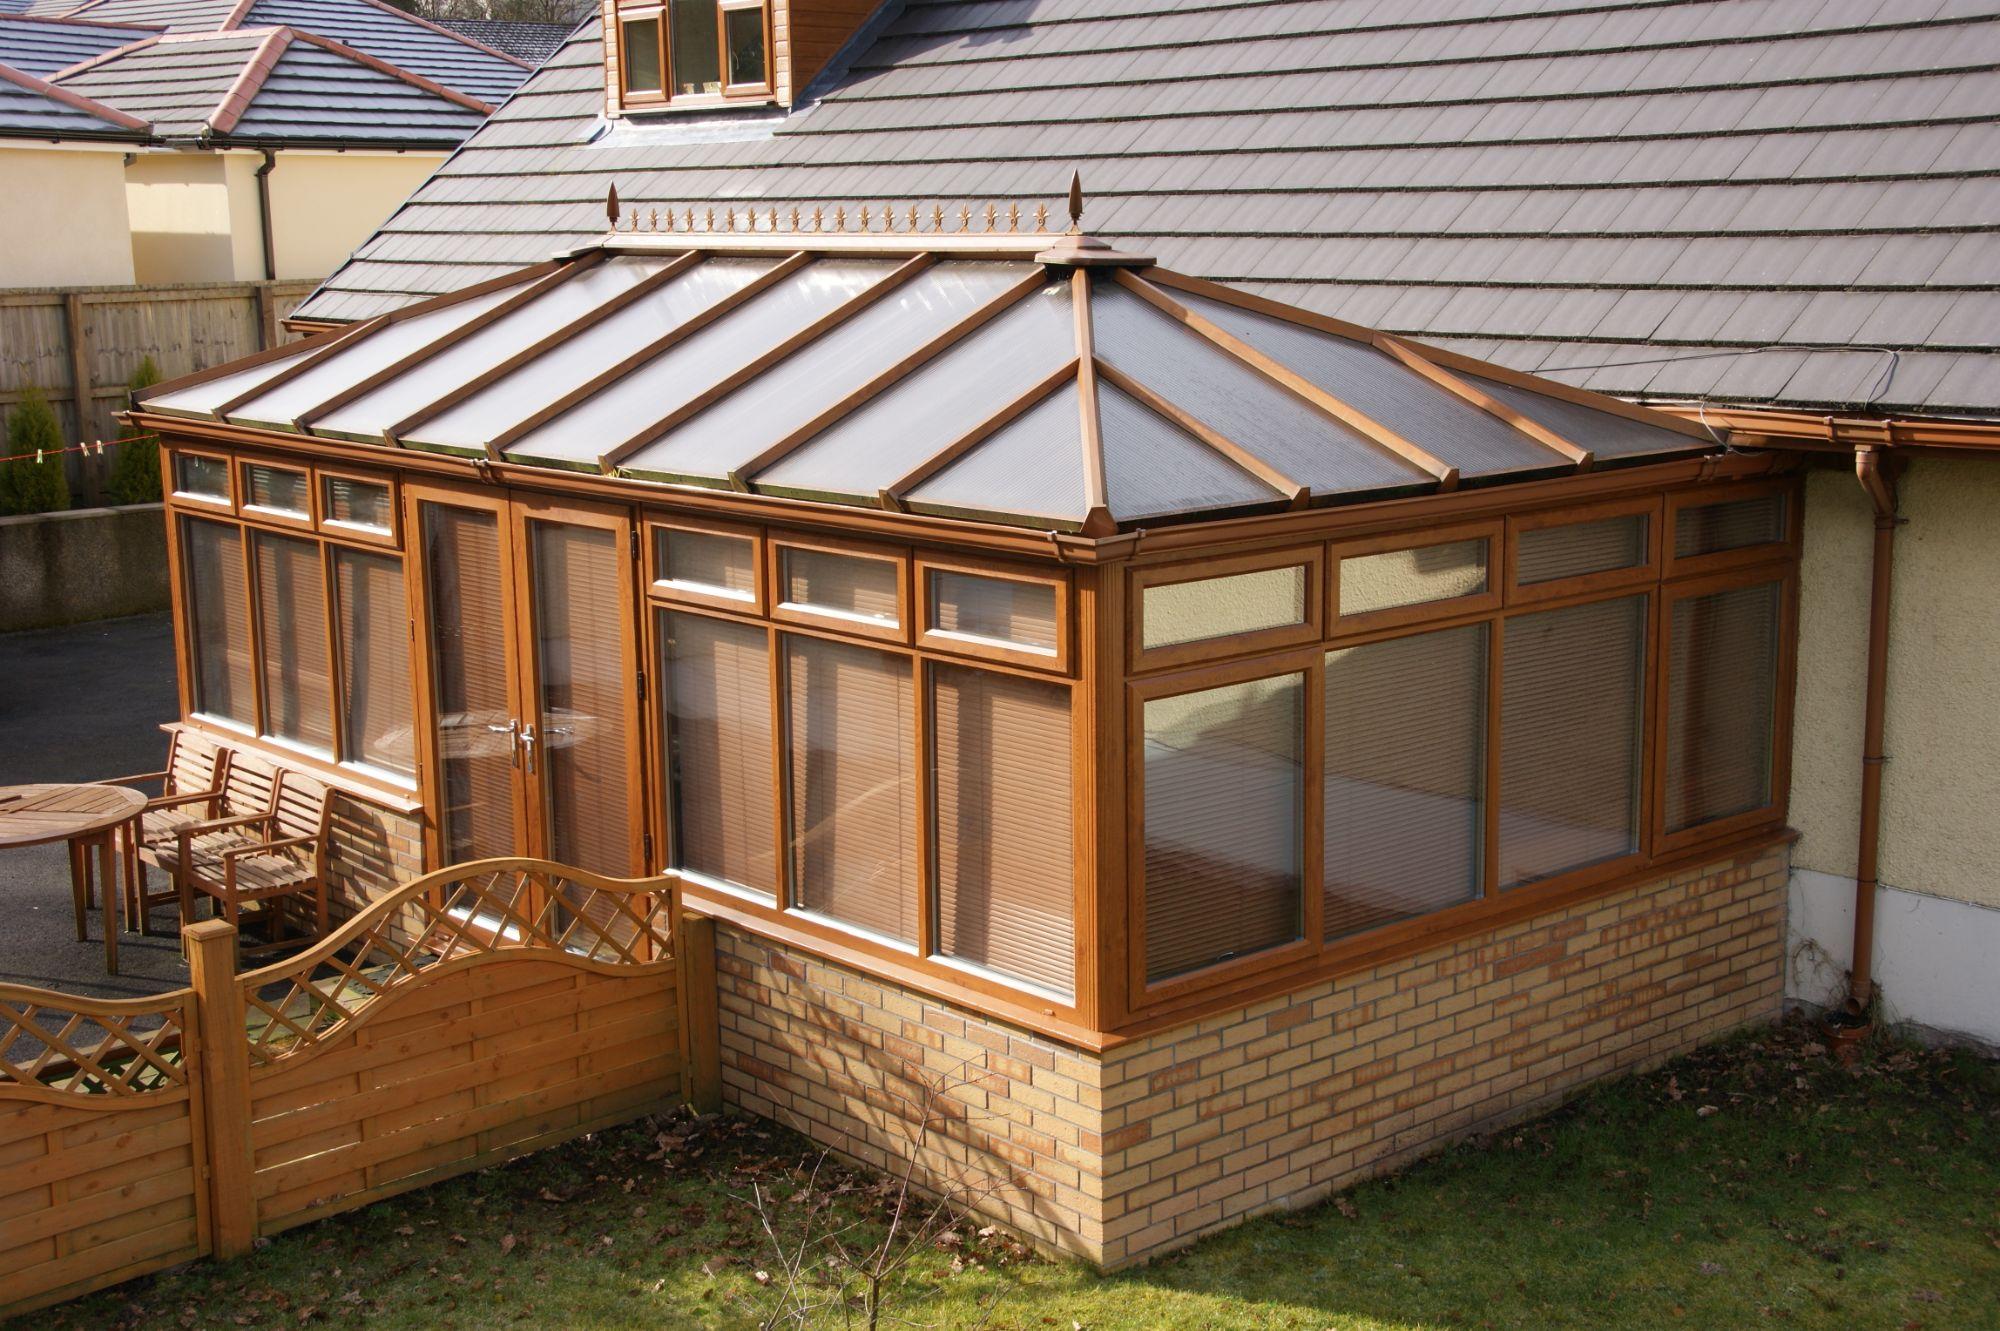 Box Gutter Conservatory